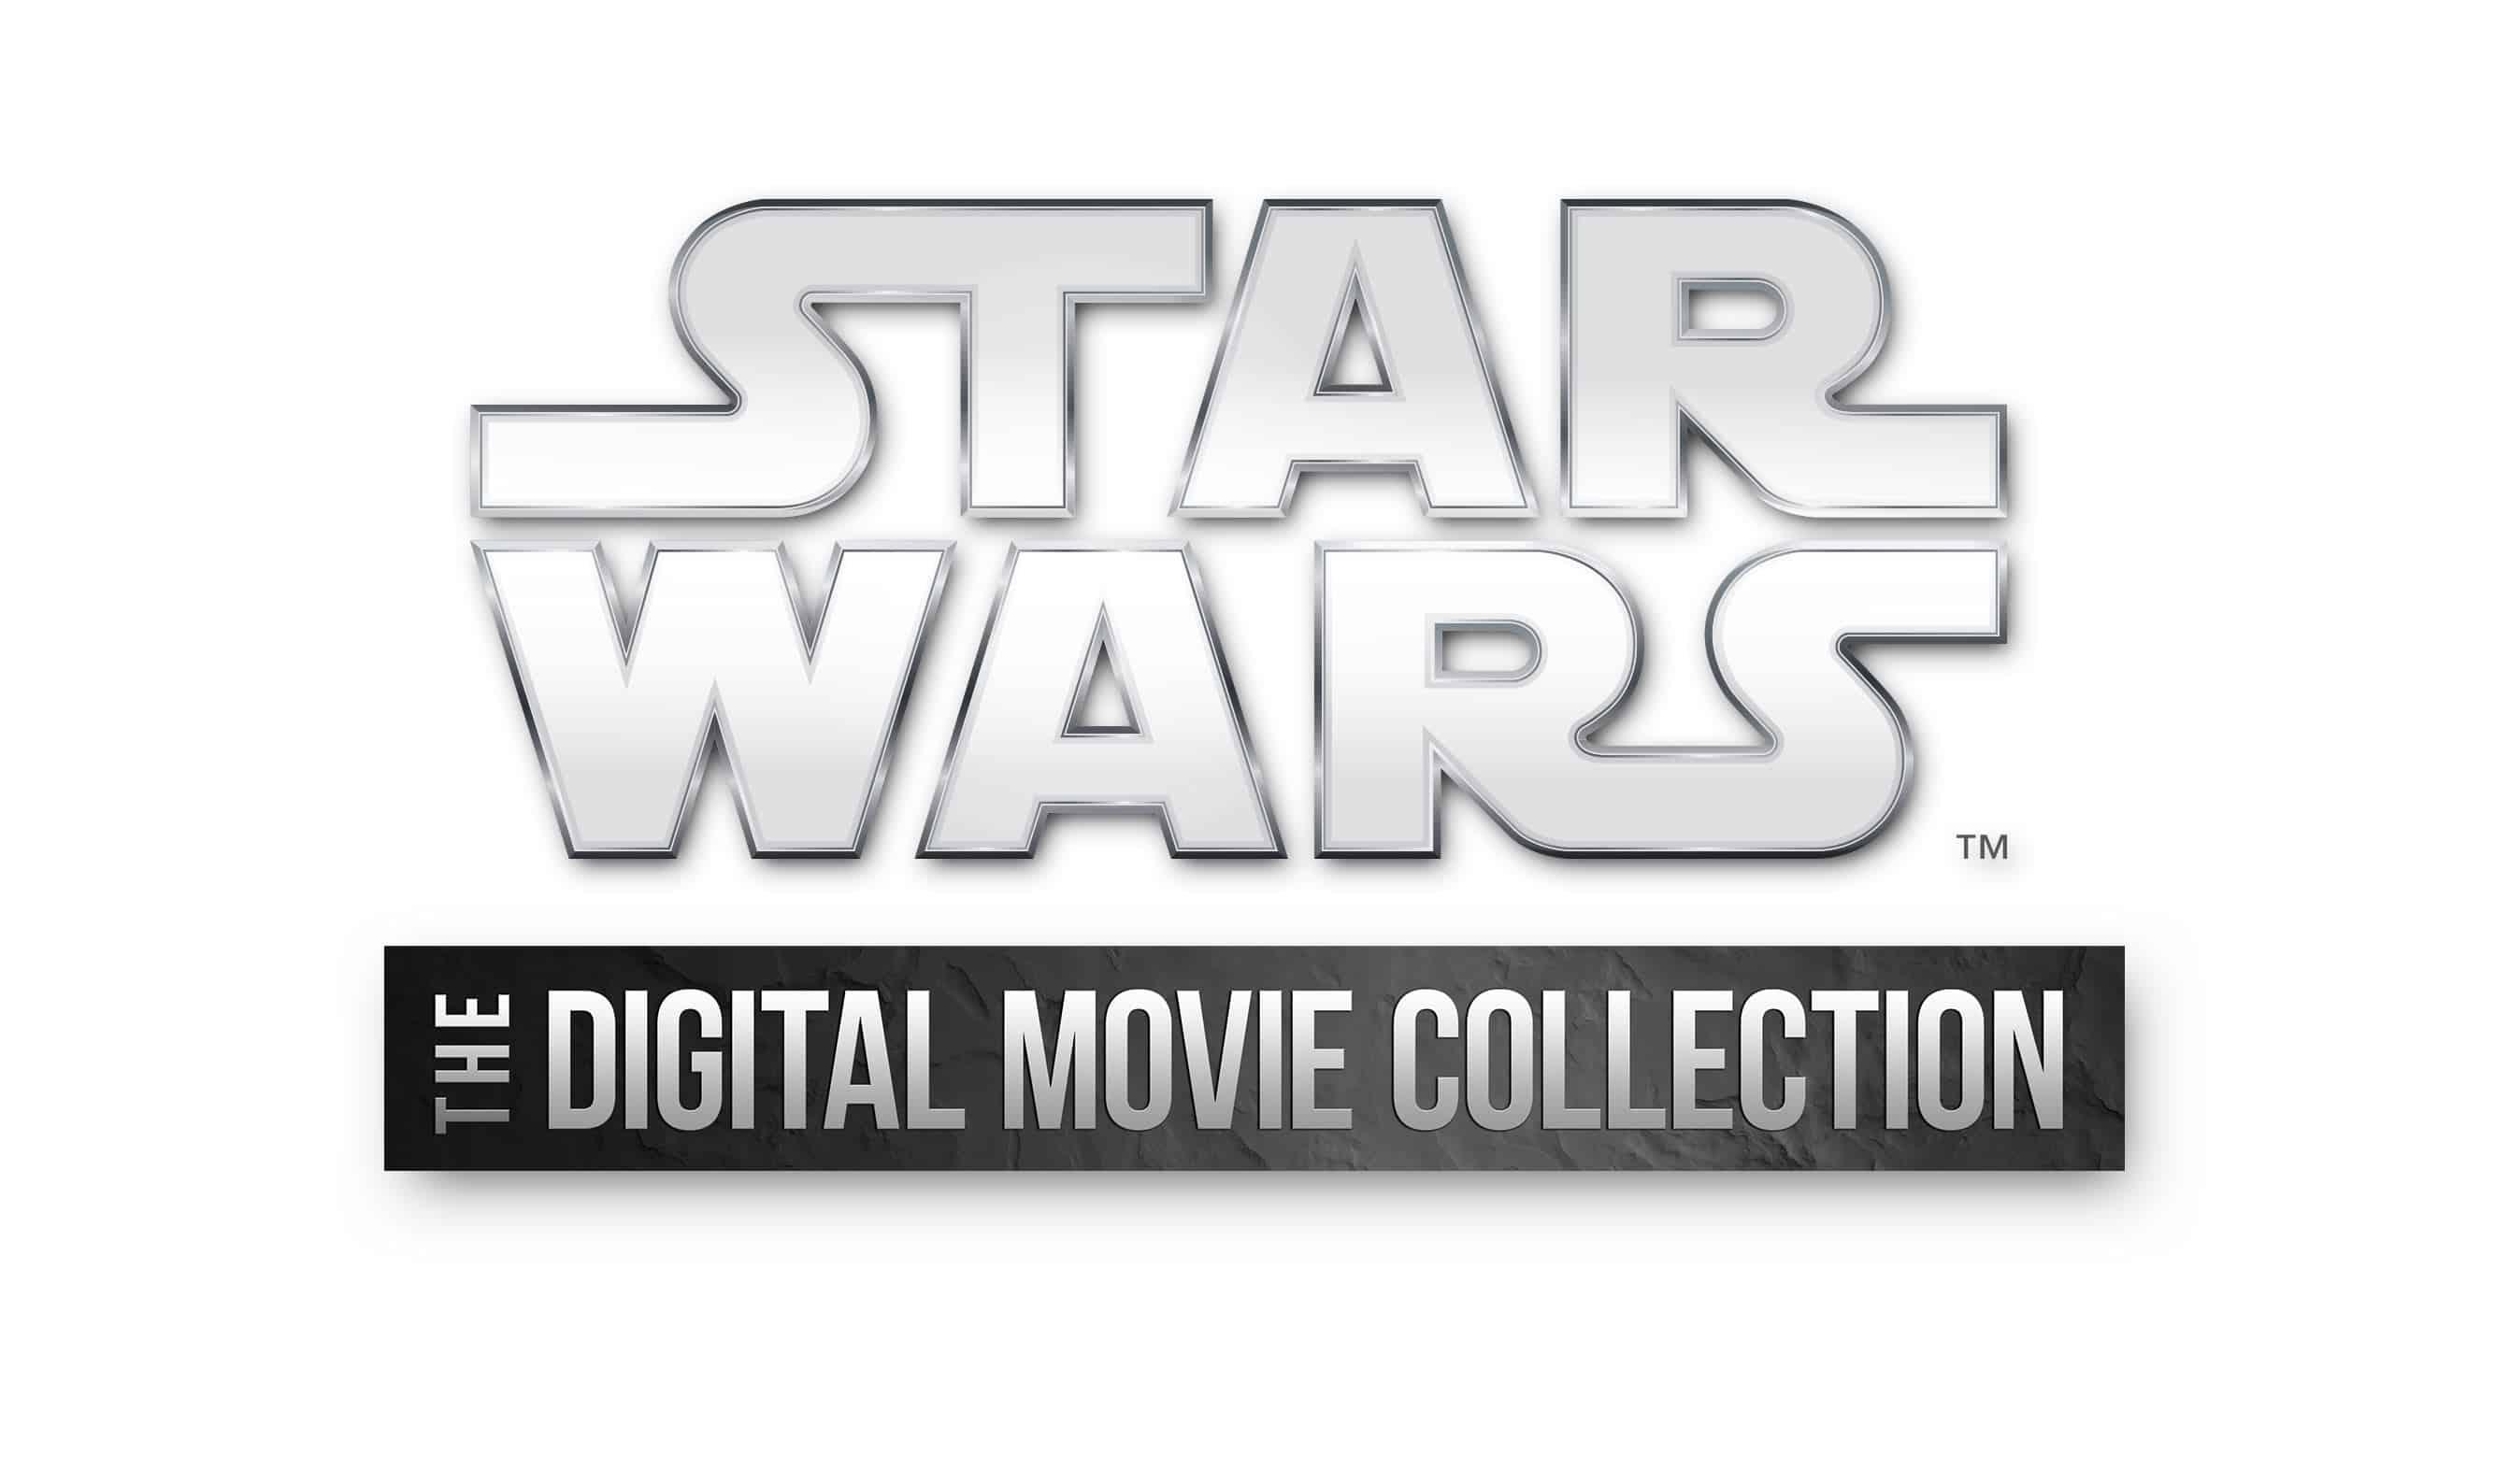 STAR WARS Digital Movie Collection 01